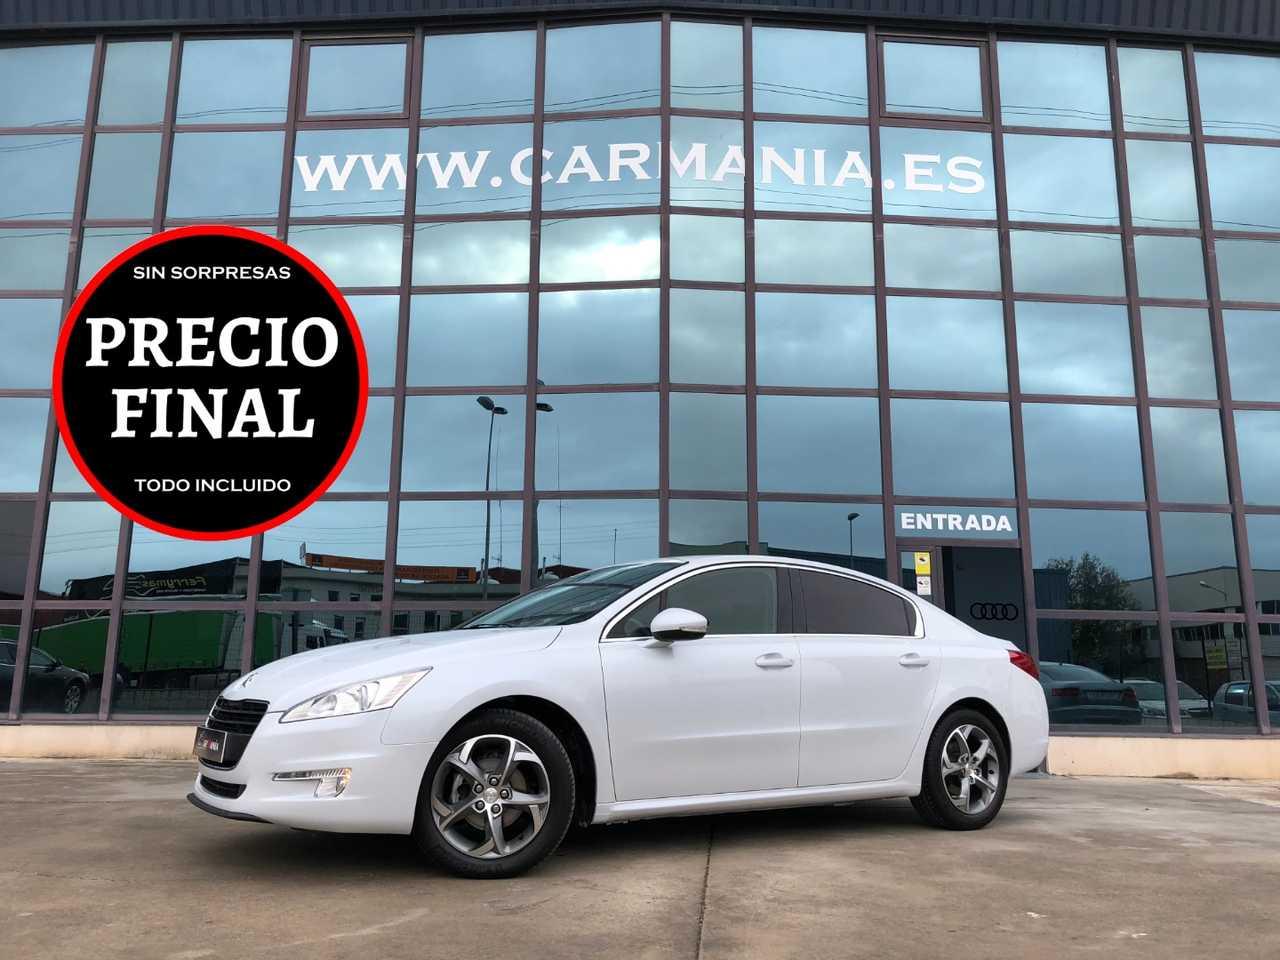 Peugeot 508 2.0 HDI STYLE 140   - Foto 1